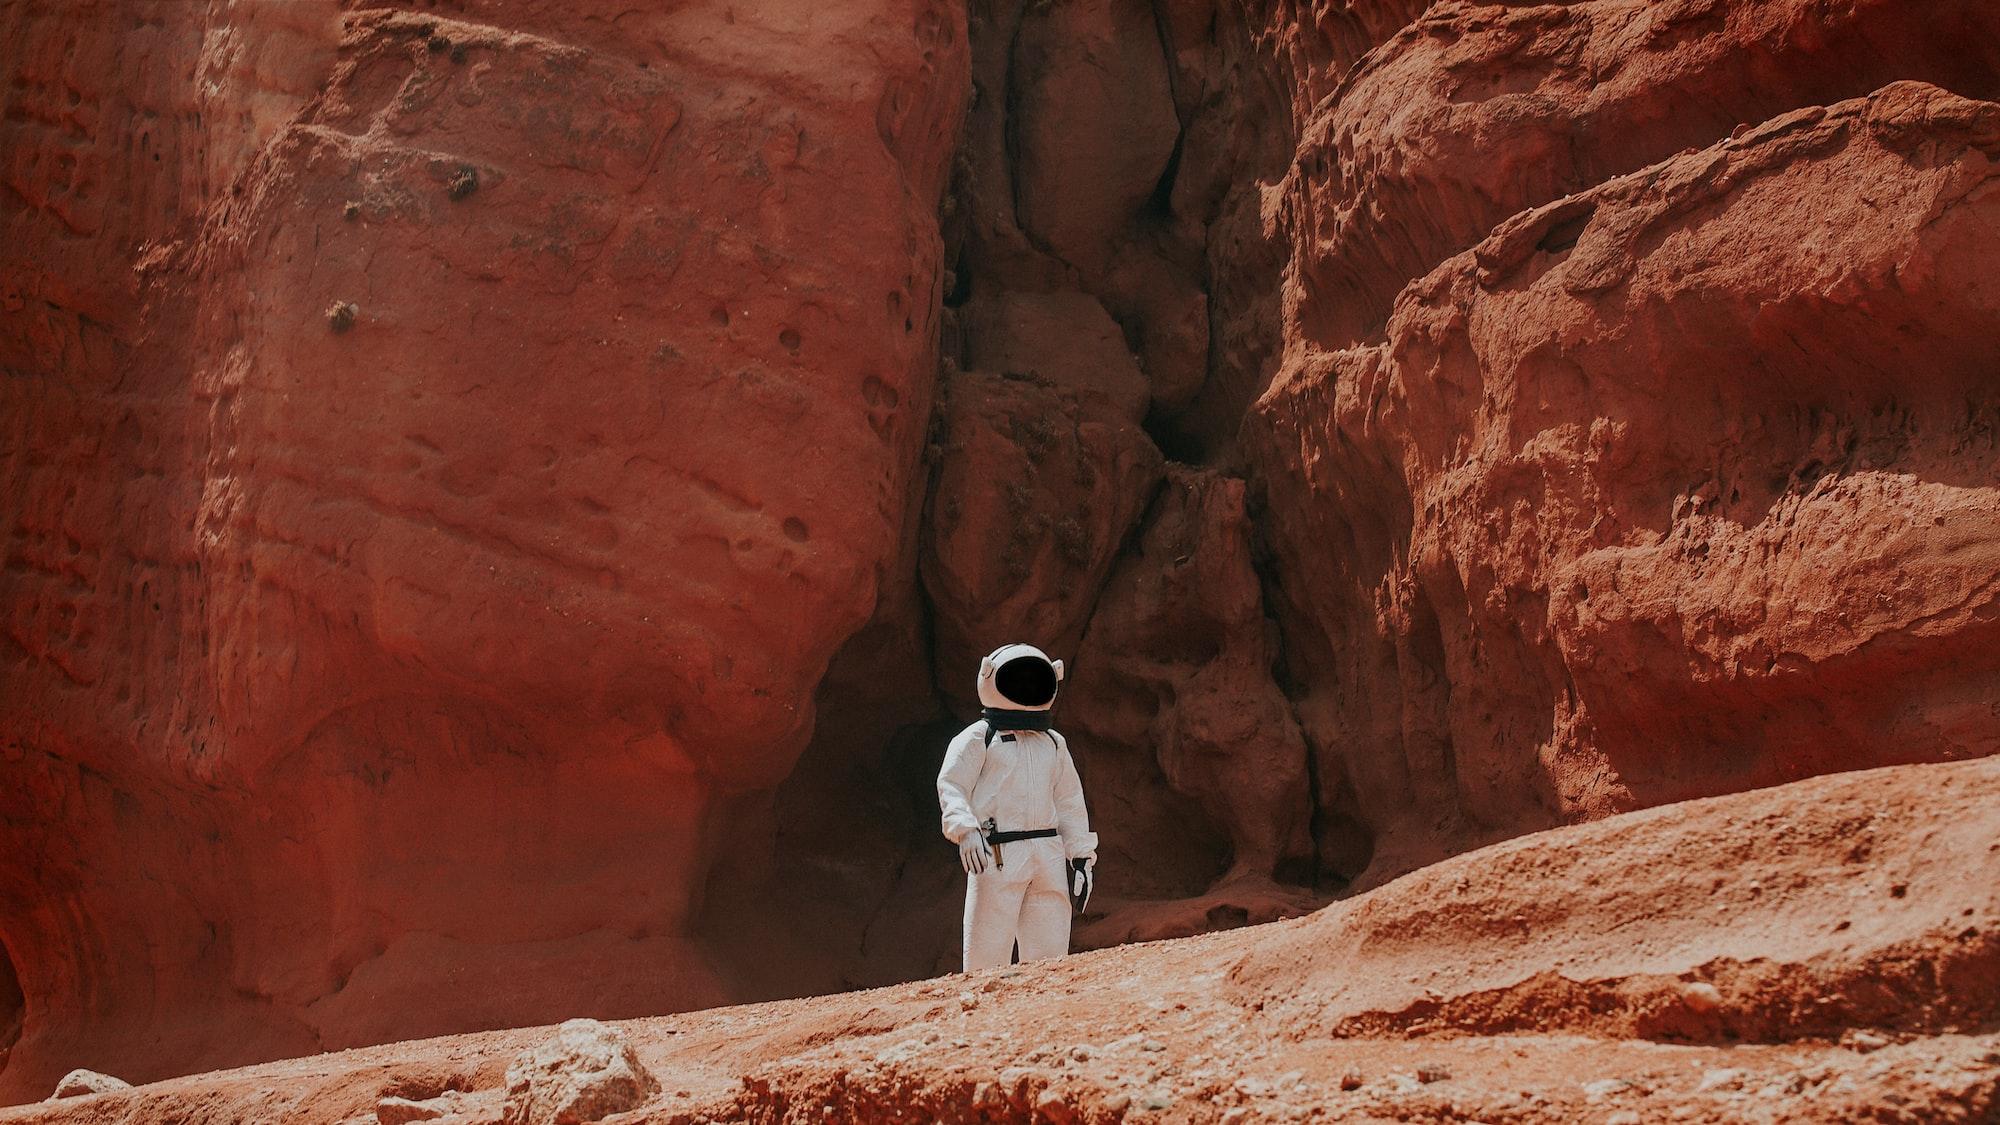 NASA by mohla k průzkumu Marsu použít speciální nanoletadélka